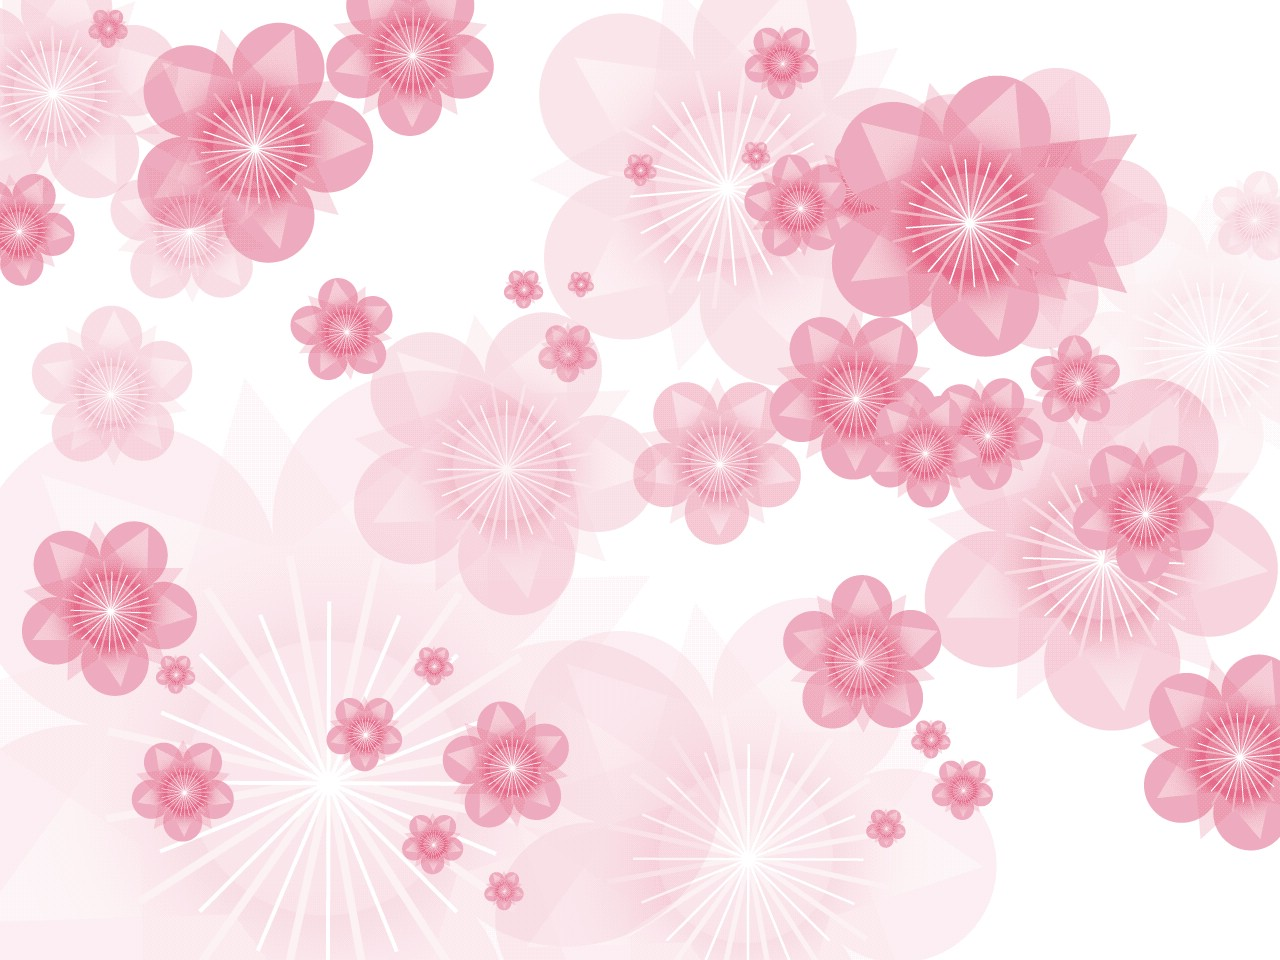 Pink flowers wallpaper 16 widescreen wallpaper hdflowerwallpaper pink flowers wallpaper hd wallpaper mightylinksfo